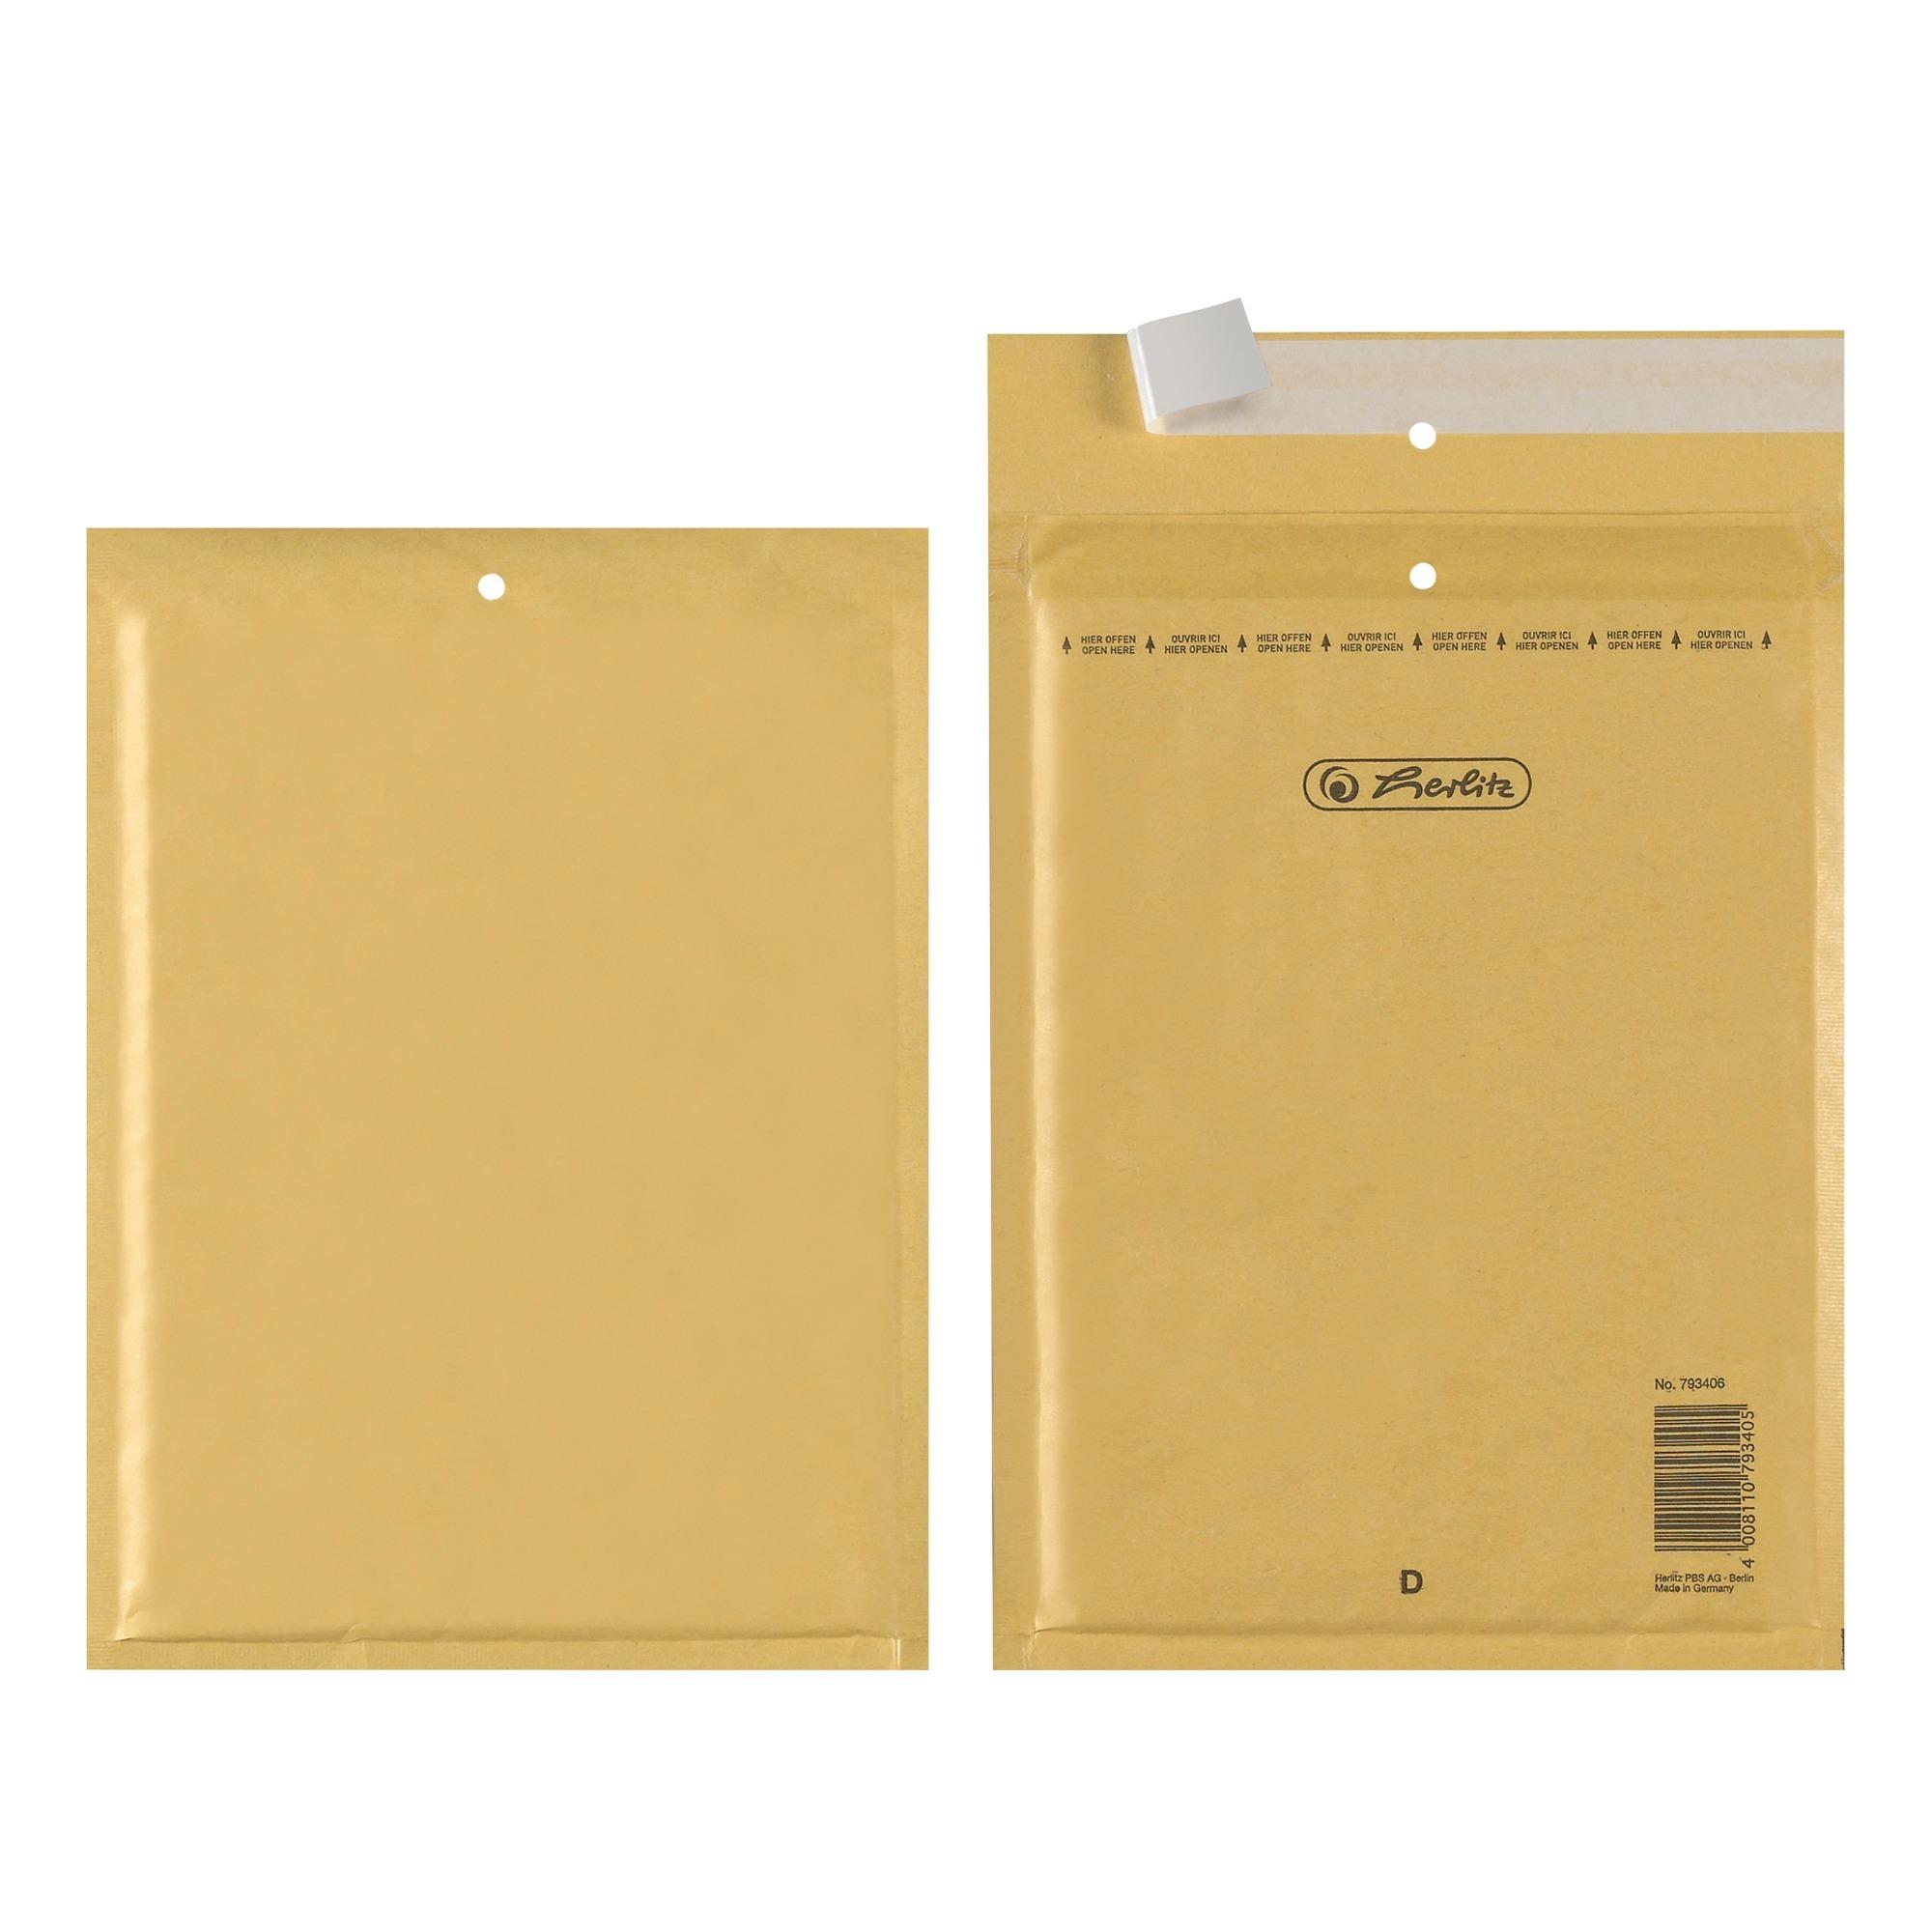 7934037 Marrón bolsa de papel, Sobre